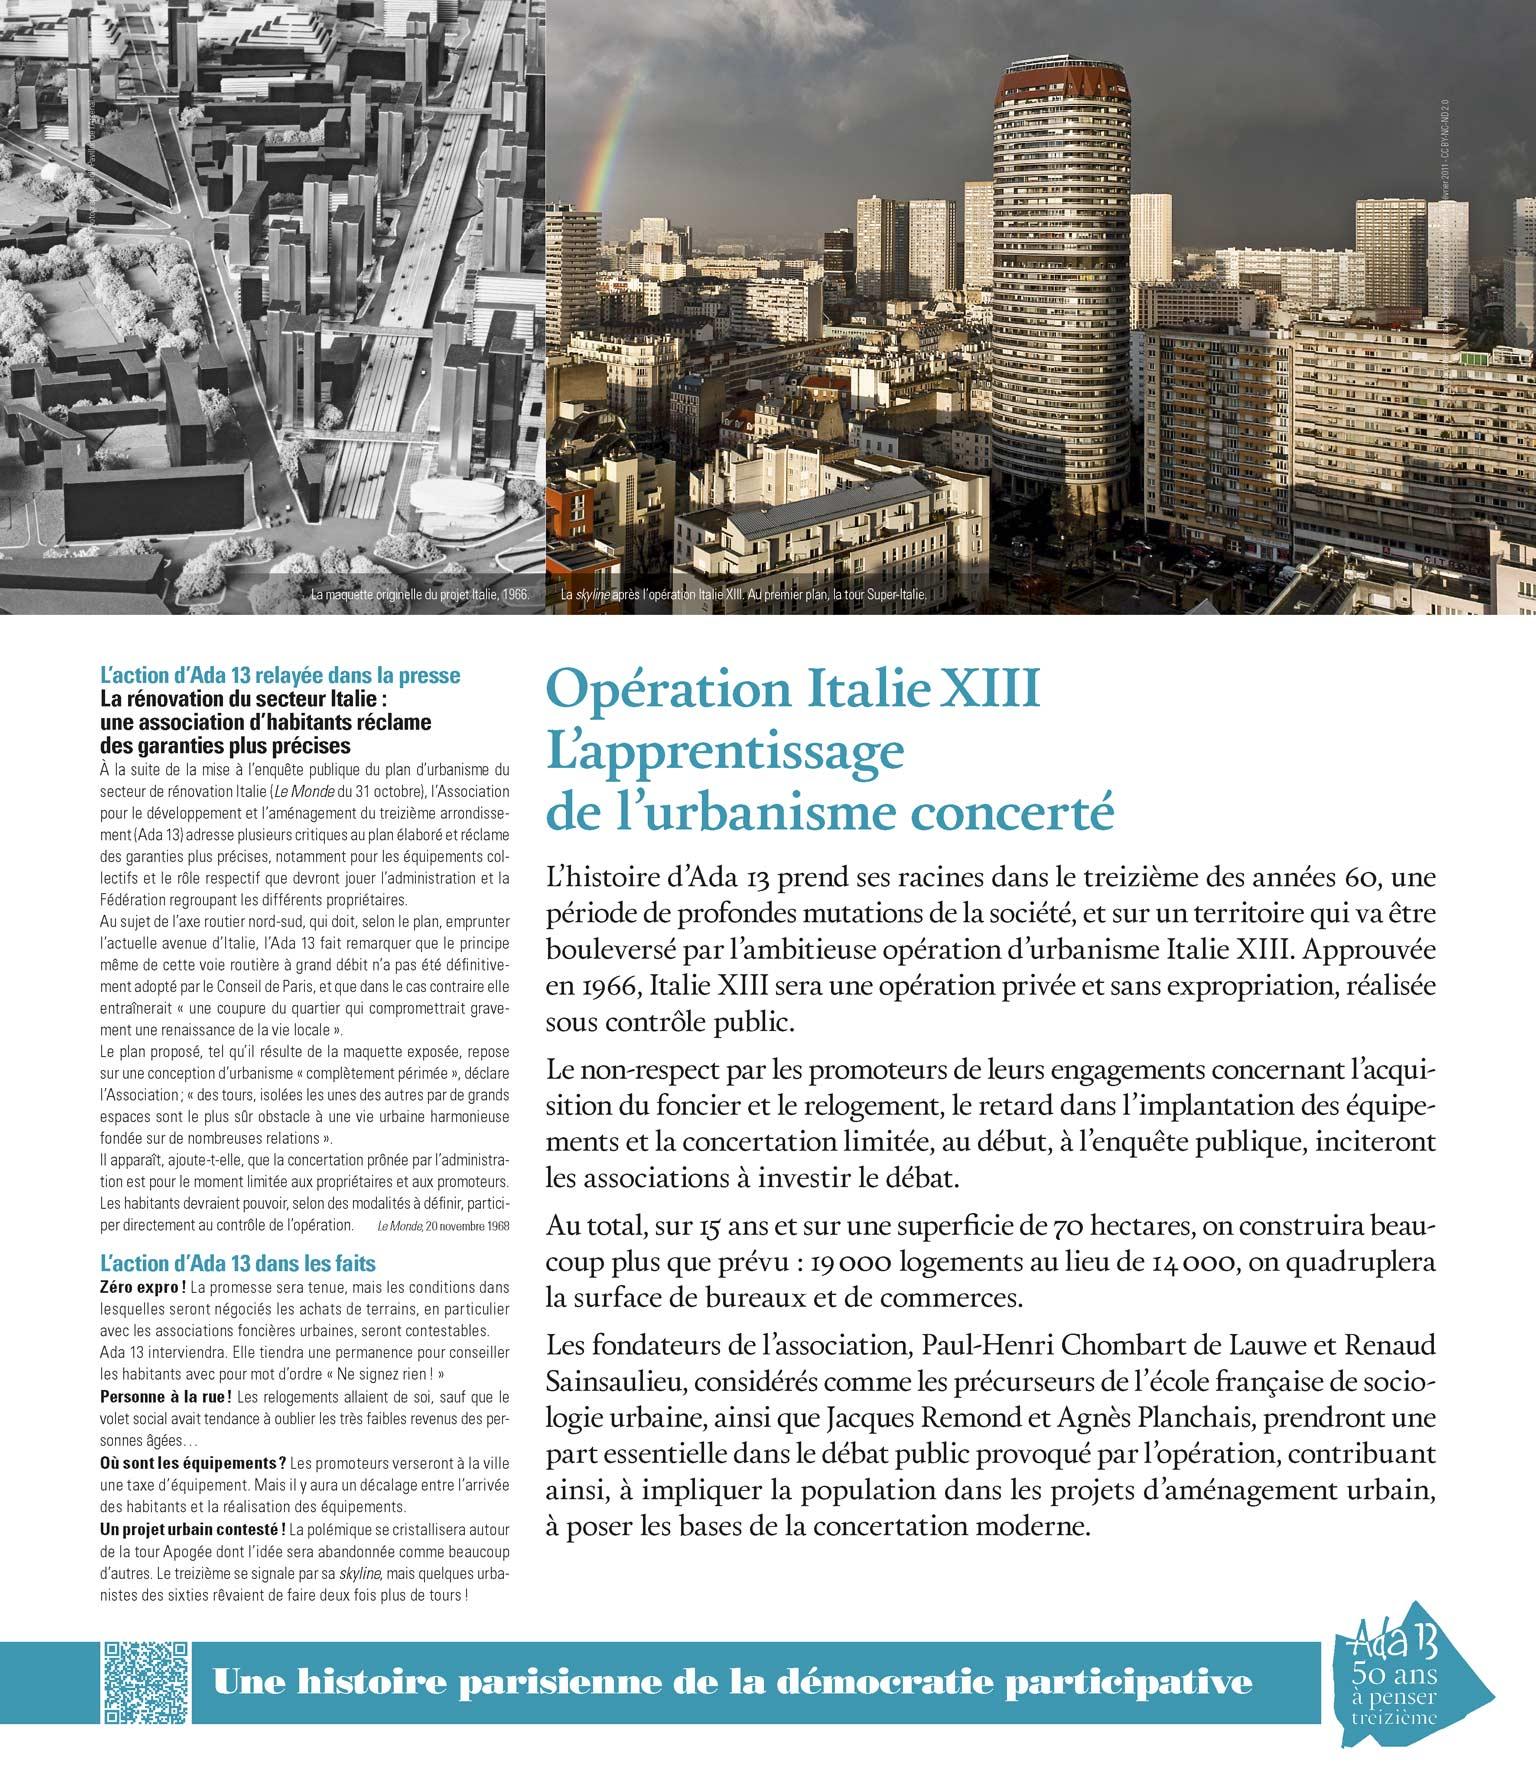 Panneau d'exposition | Opération ItalieXIII. L'apprentissage de l'urbanisme concerté